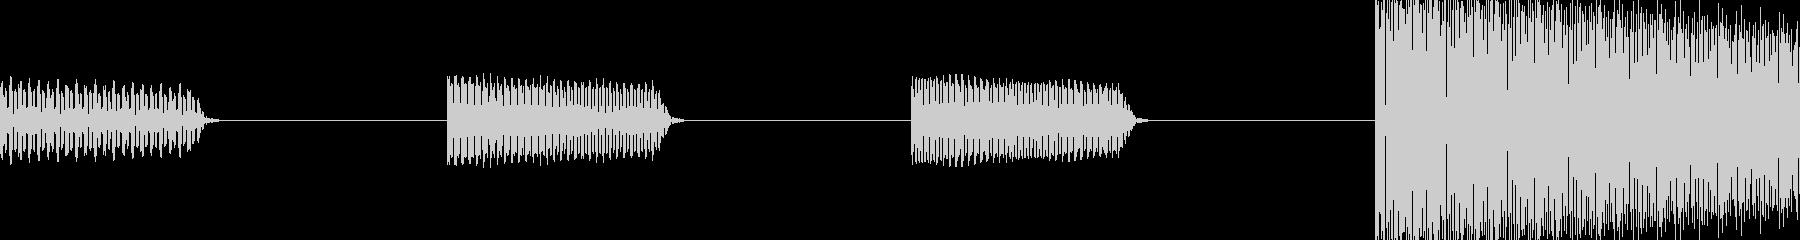 スマホでもOK!ボタン・カーソル・操作音の未再生の波形